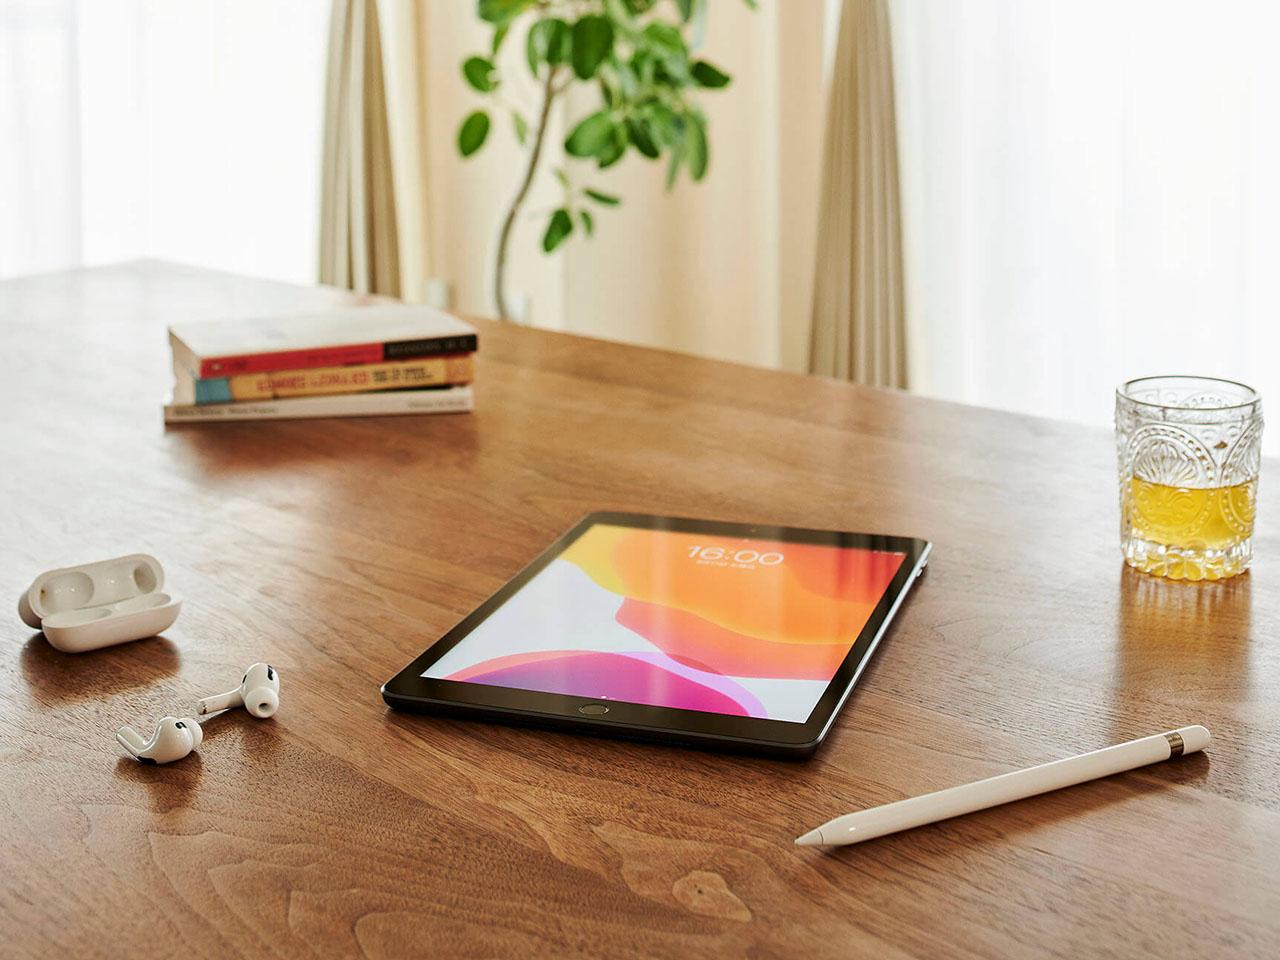 『本体 参考1』 iPad 10.2インチ 第7世代 Wi-Fi 32GB 2019年秋モデル MW742J/A [スペースグレイ] の製品画像